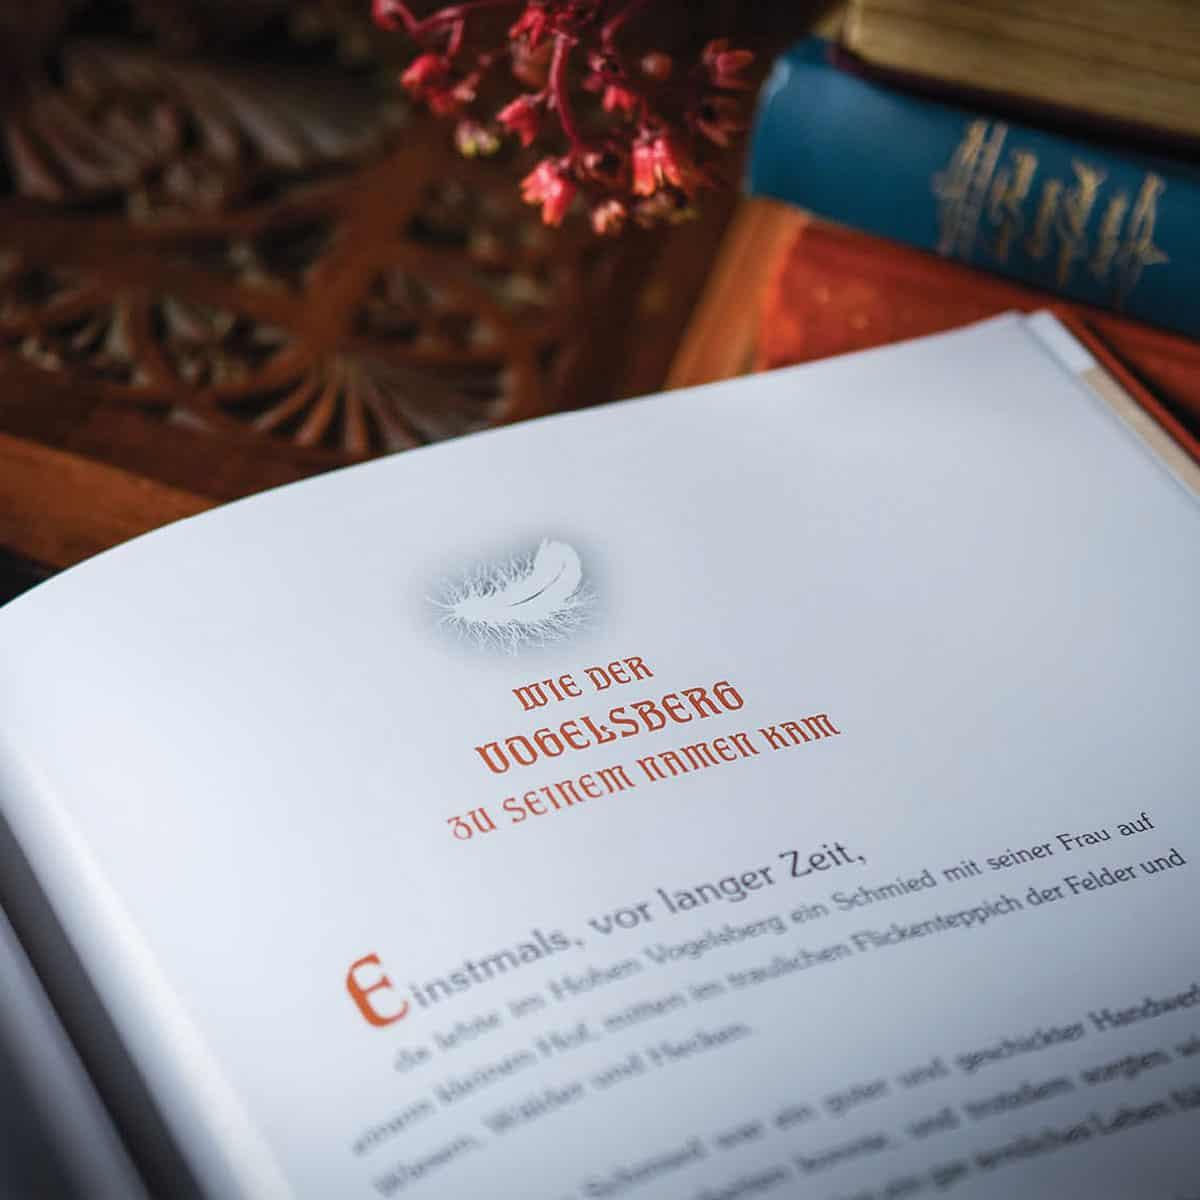 Ausschnitt aus dem Buch